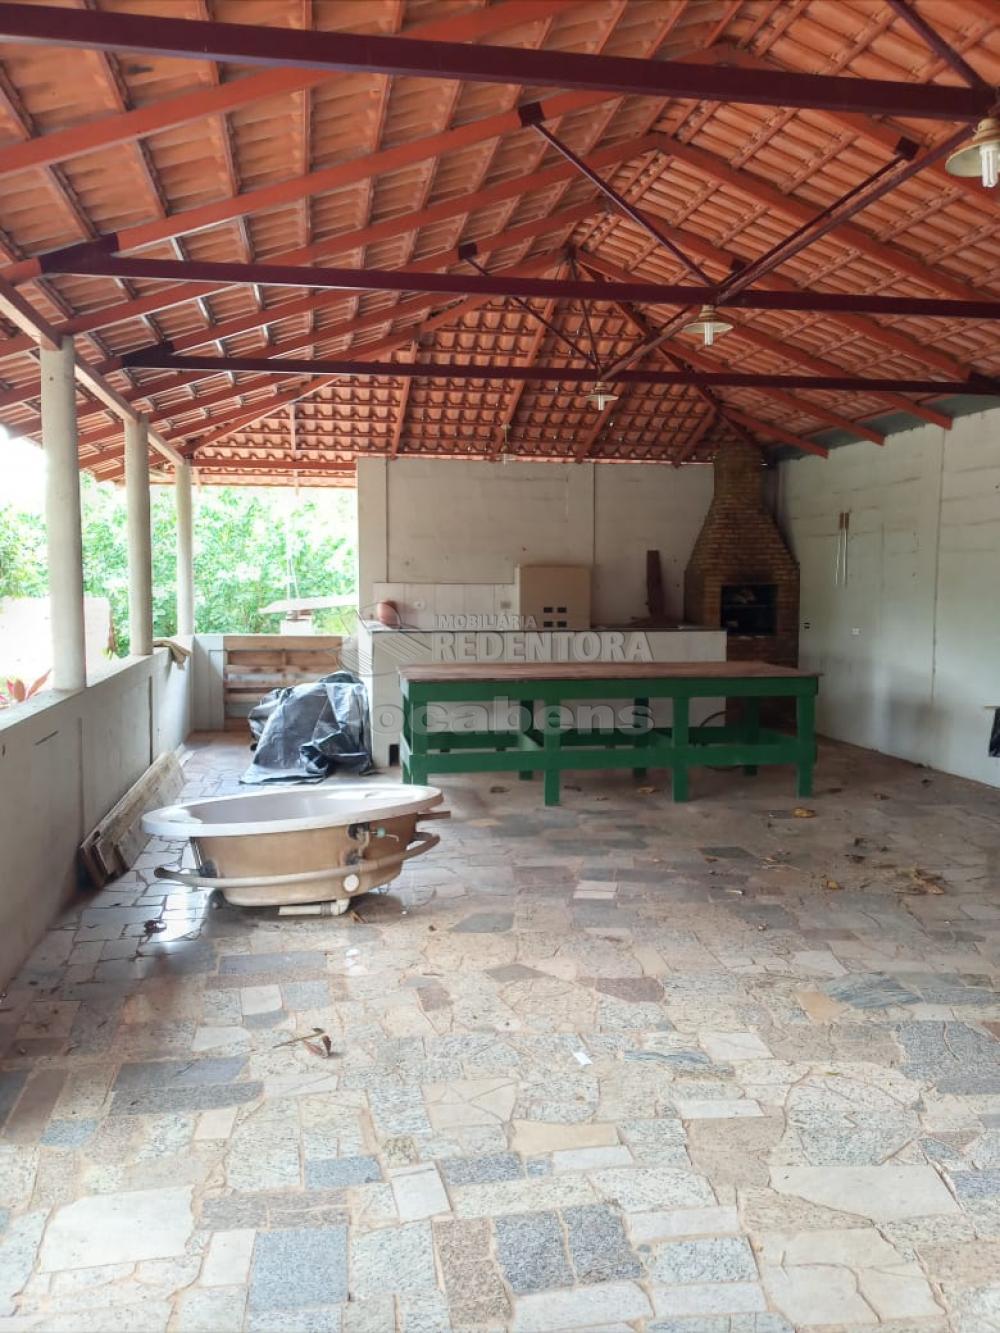 Comprar Rural / Chácara em São José do Rio Preto R$ 650.000,00 - Foto 30